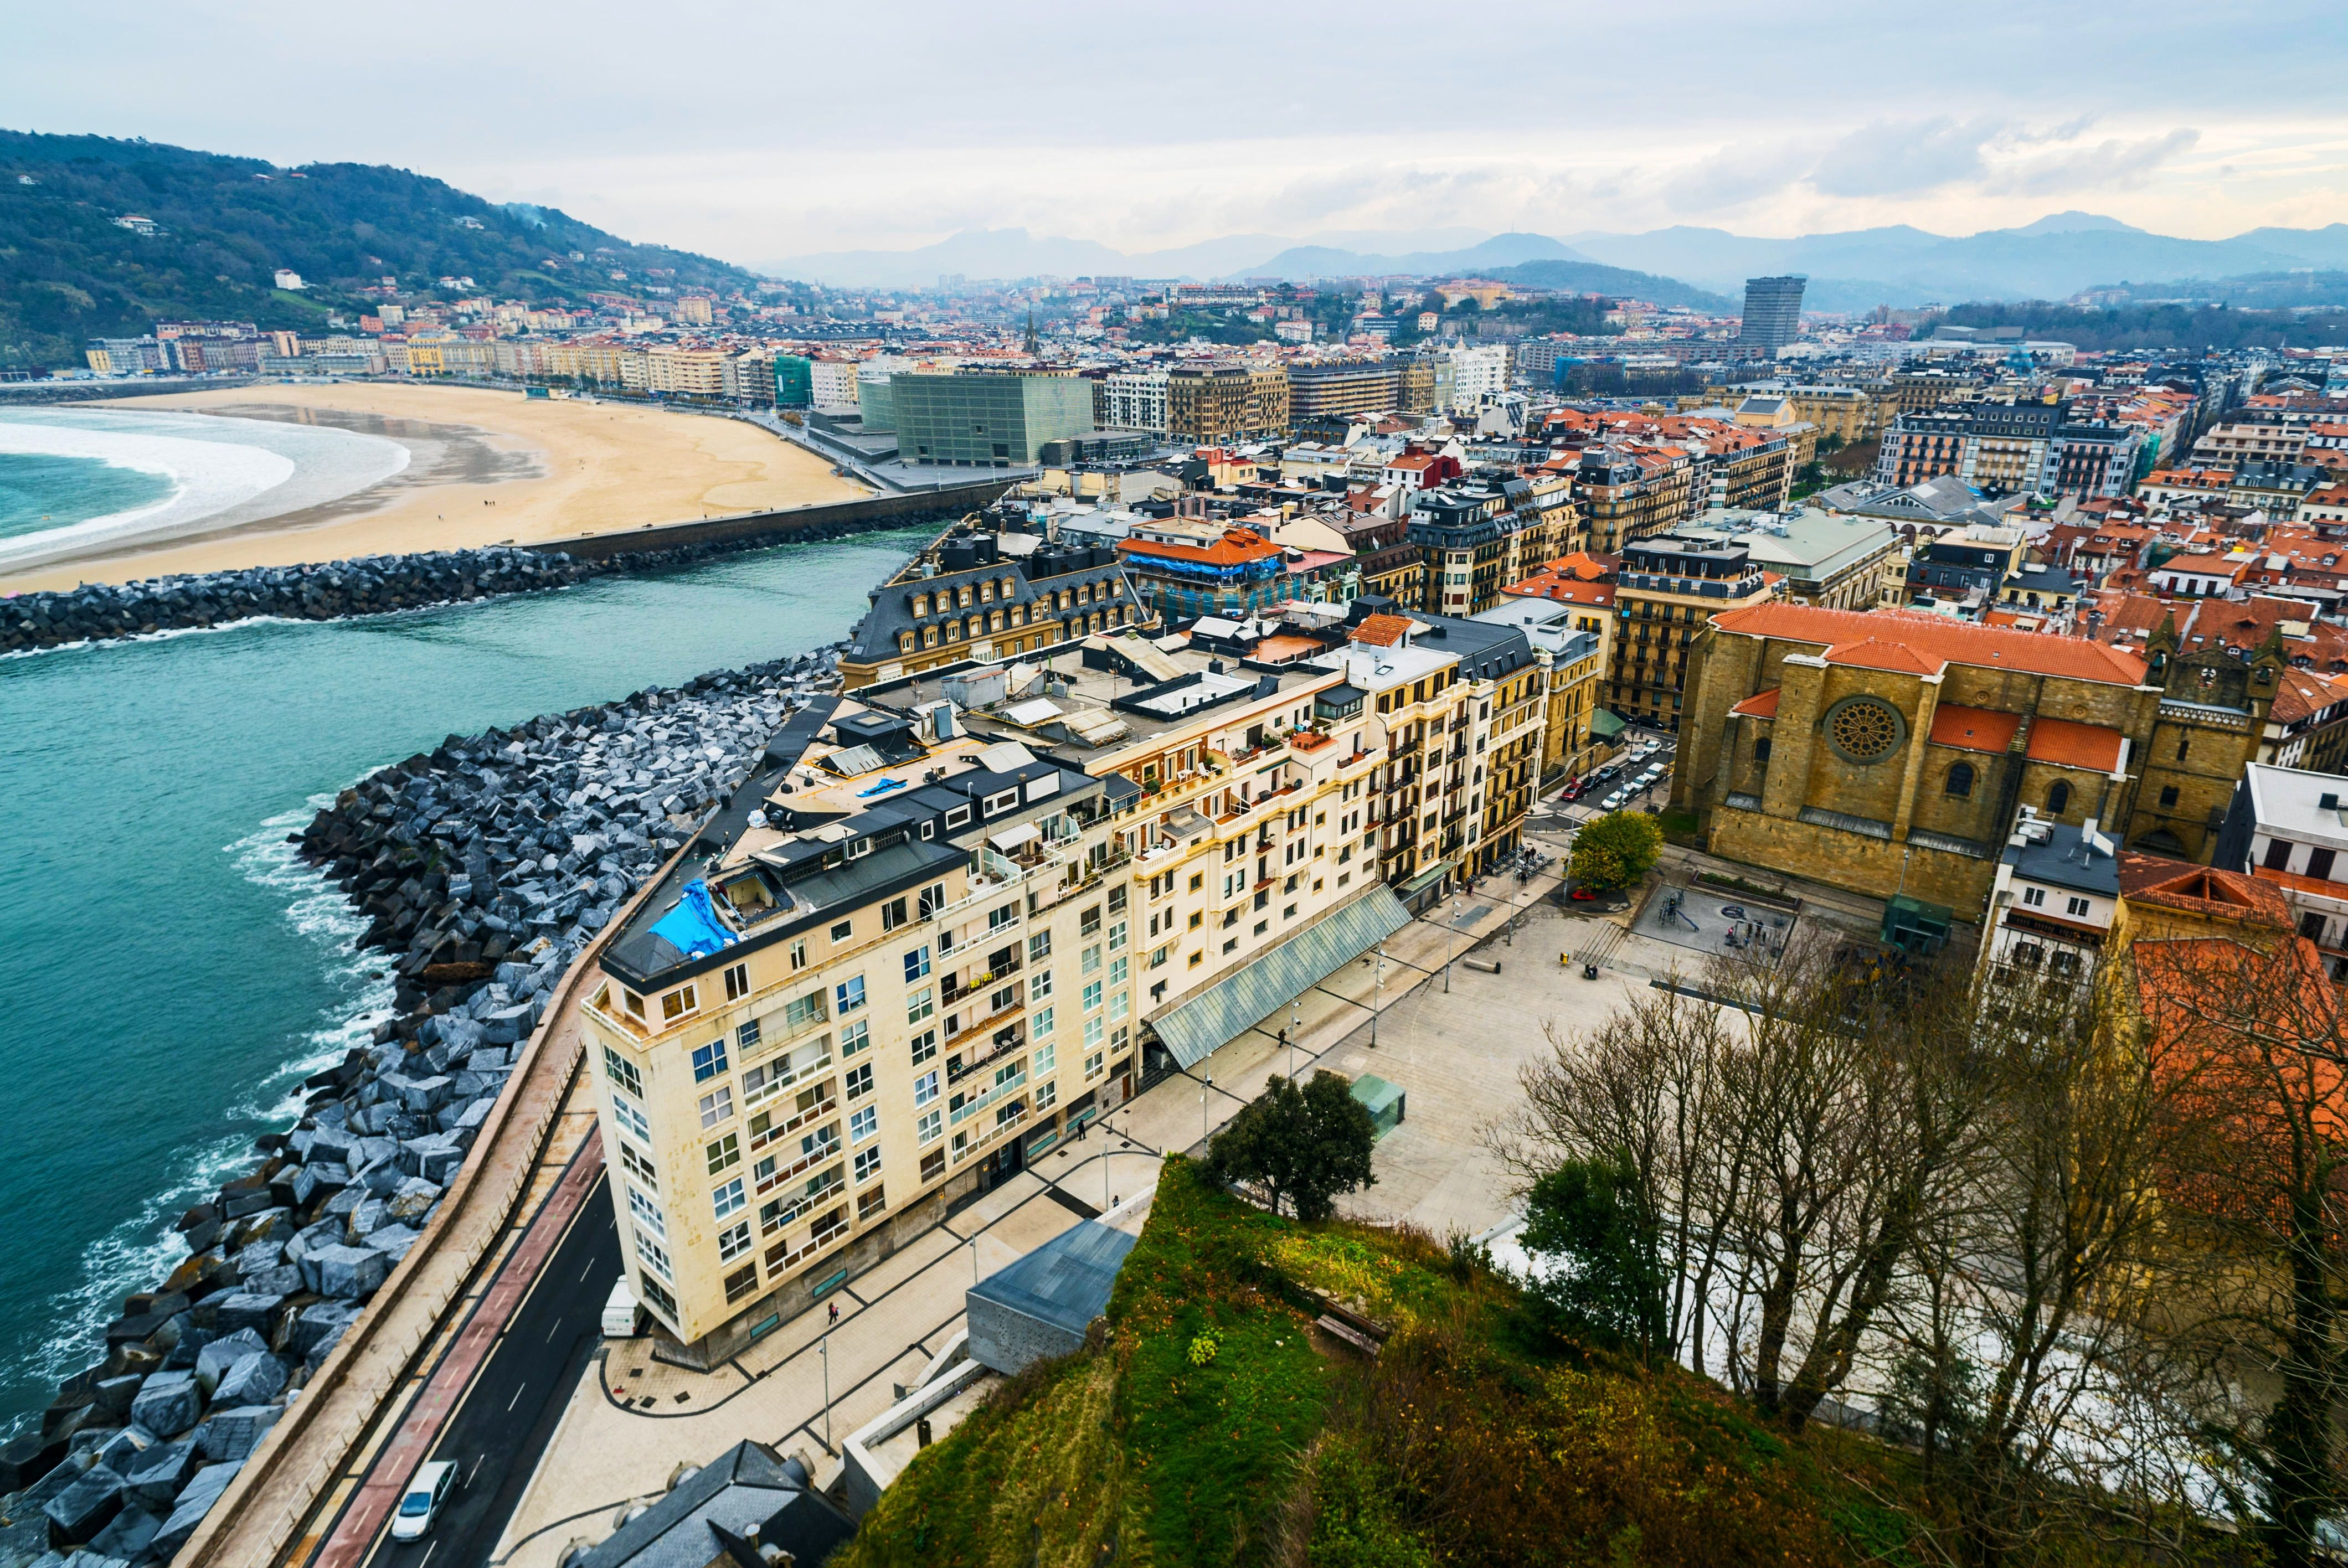 In Spain S Northern Basque Region San Sebastian Shines San Sebastian Spain Travel Spain